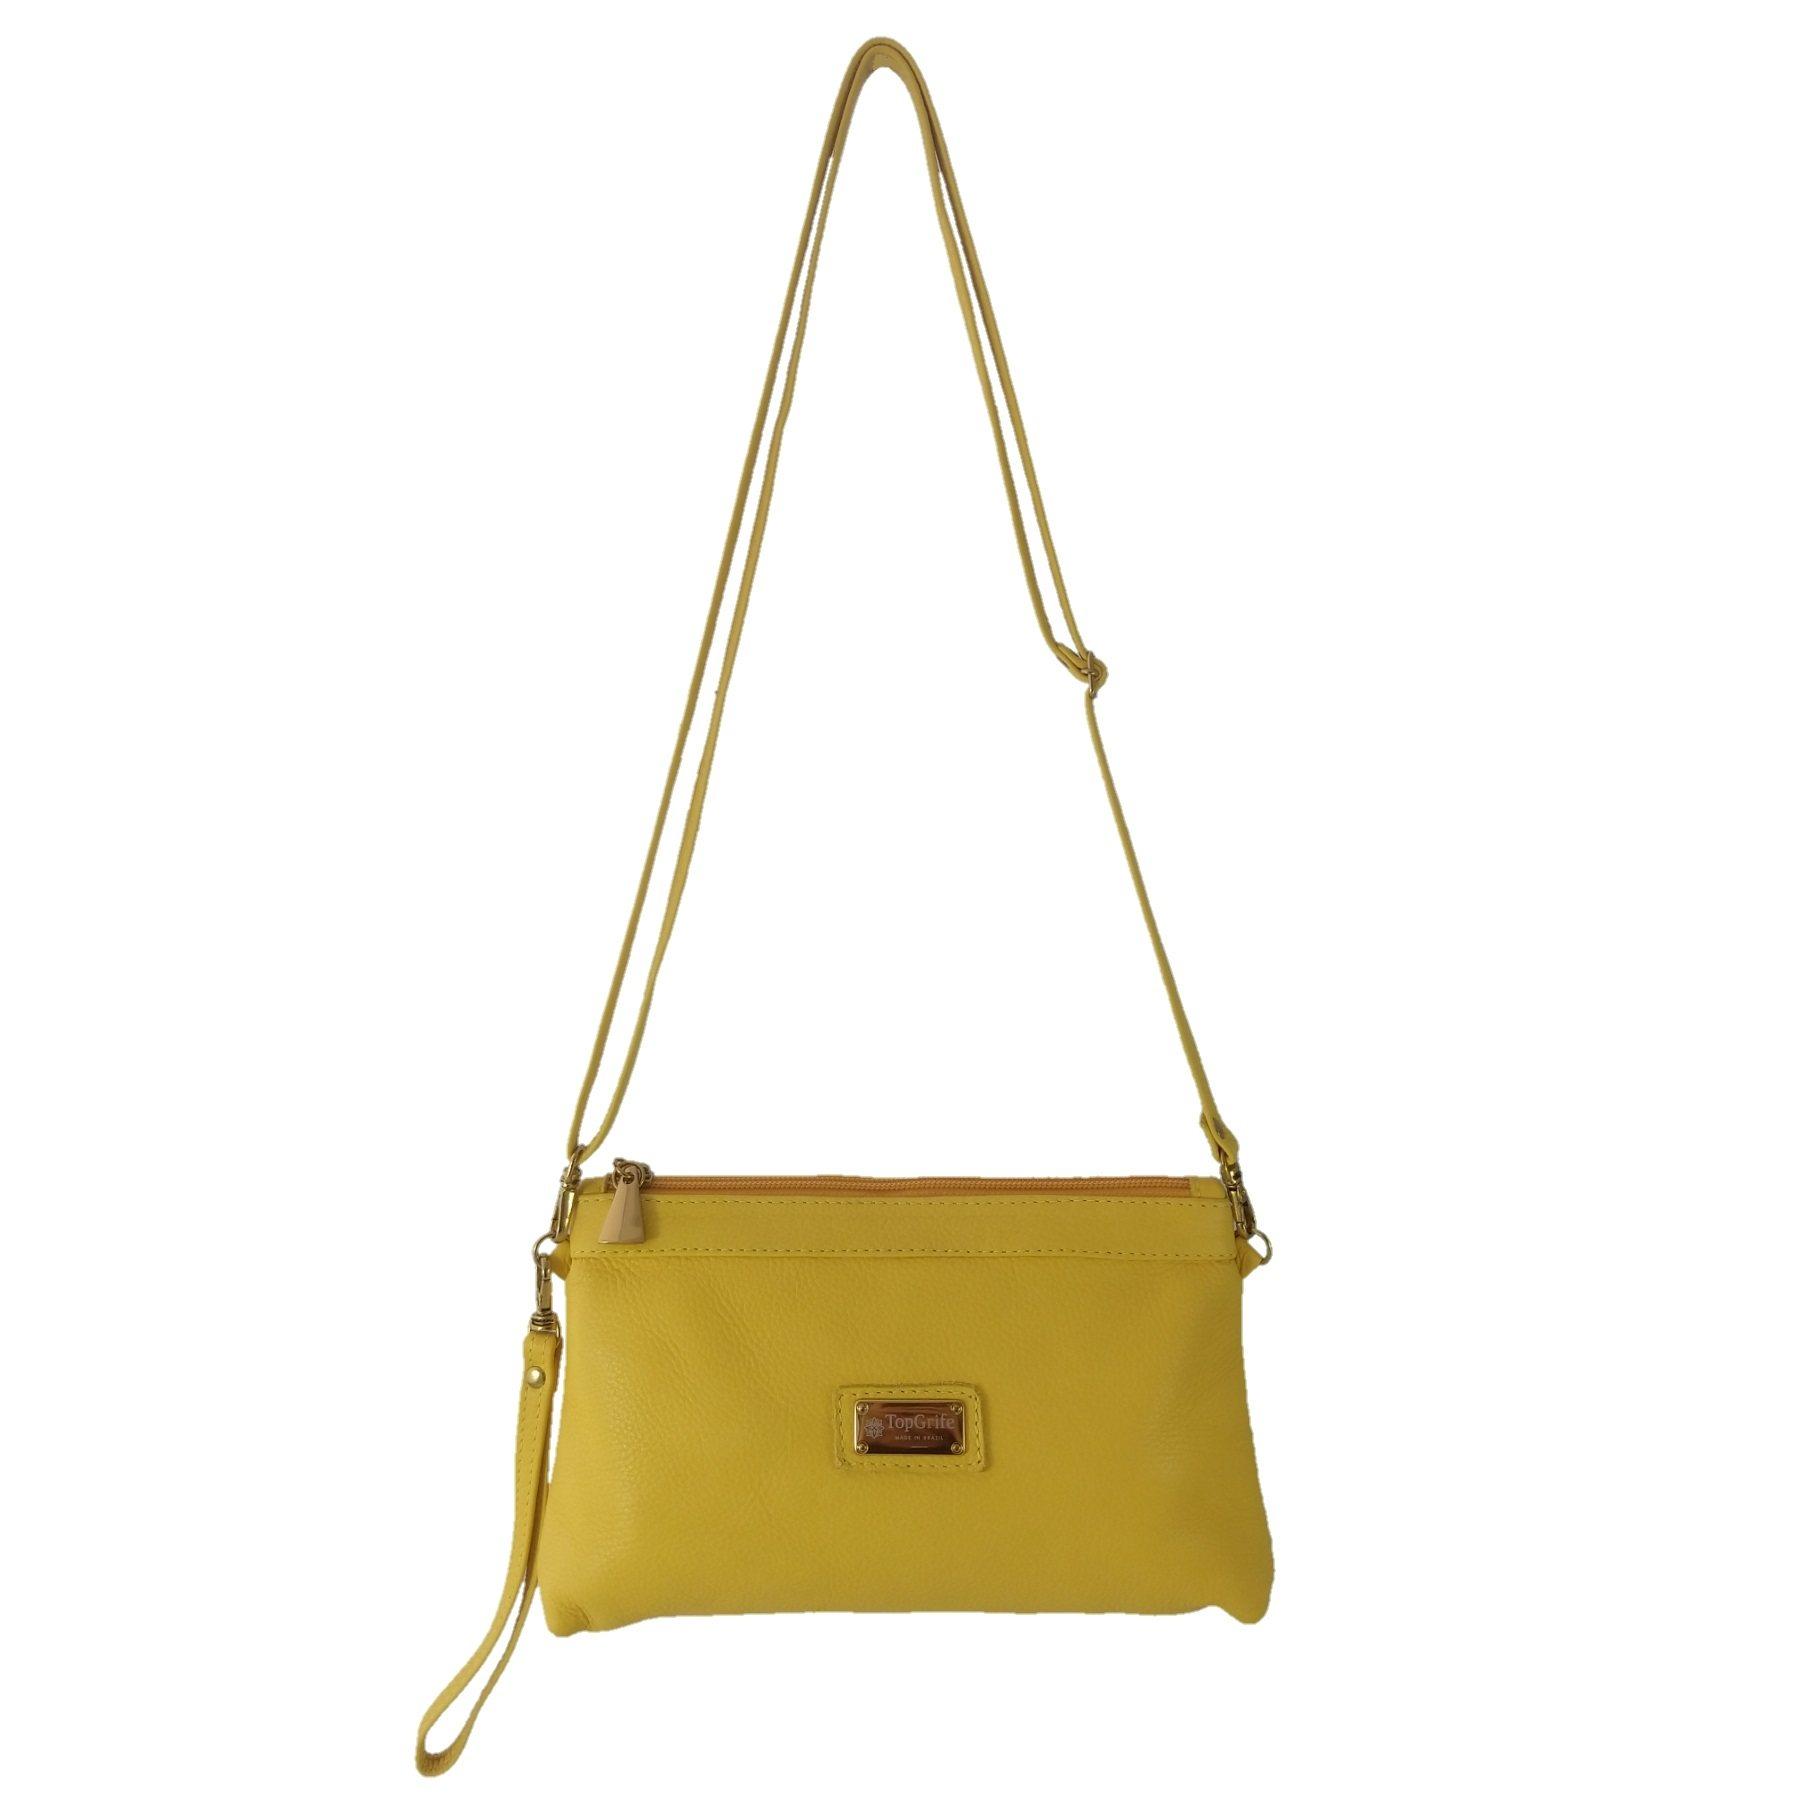 Bolsa Carteira Clutch TopGrife Transversal Couro Amarelo  - SAPATOWEB.COM